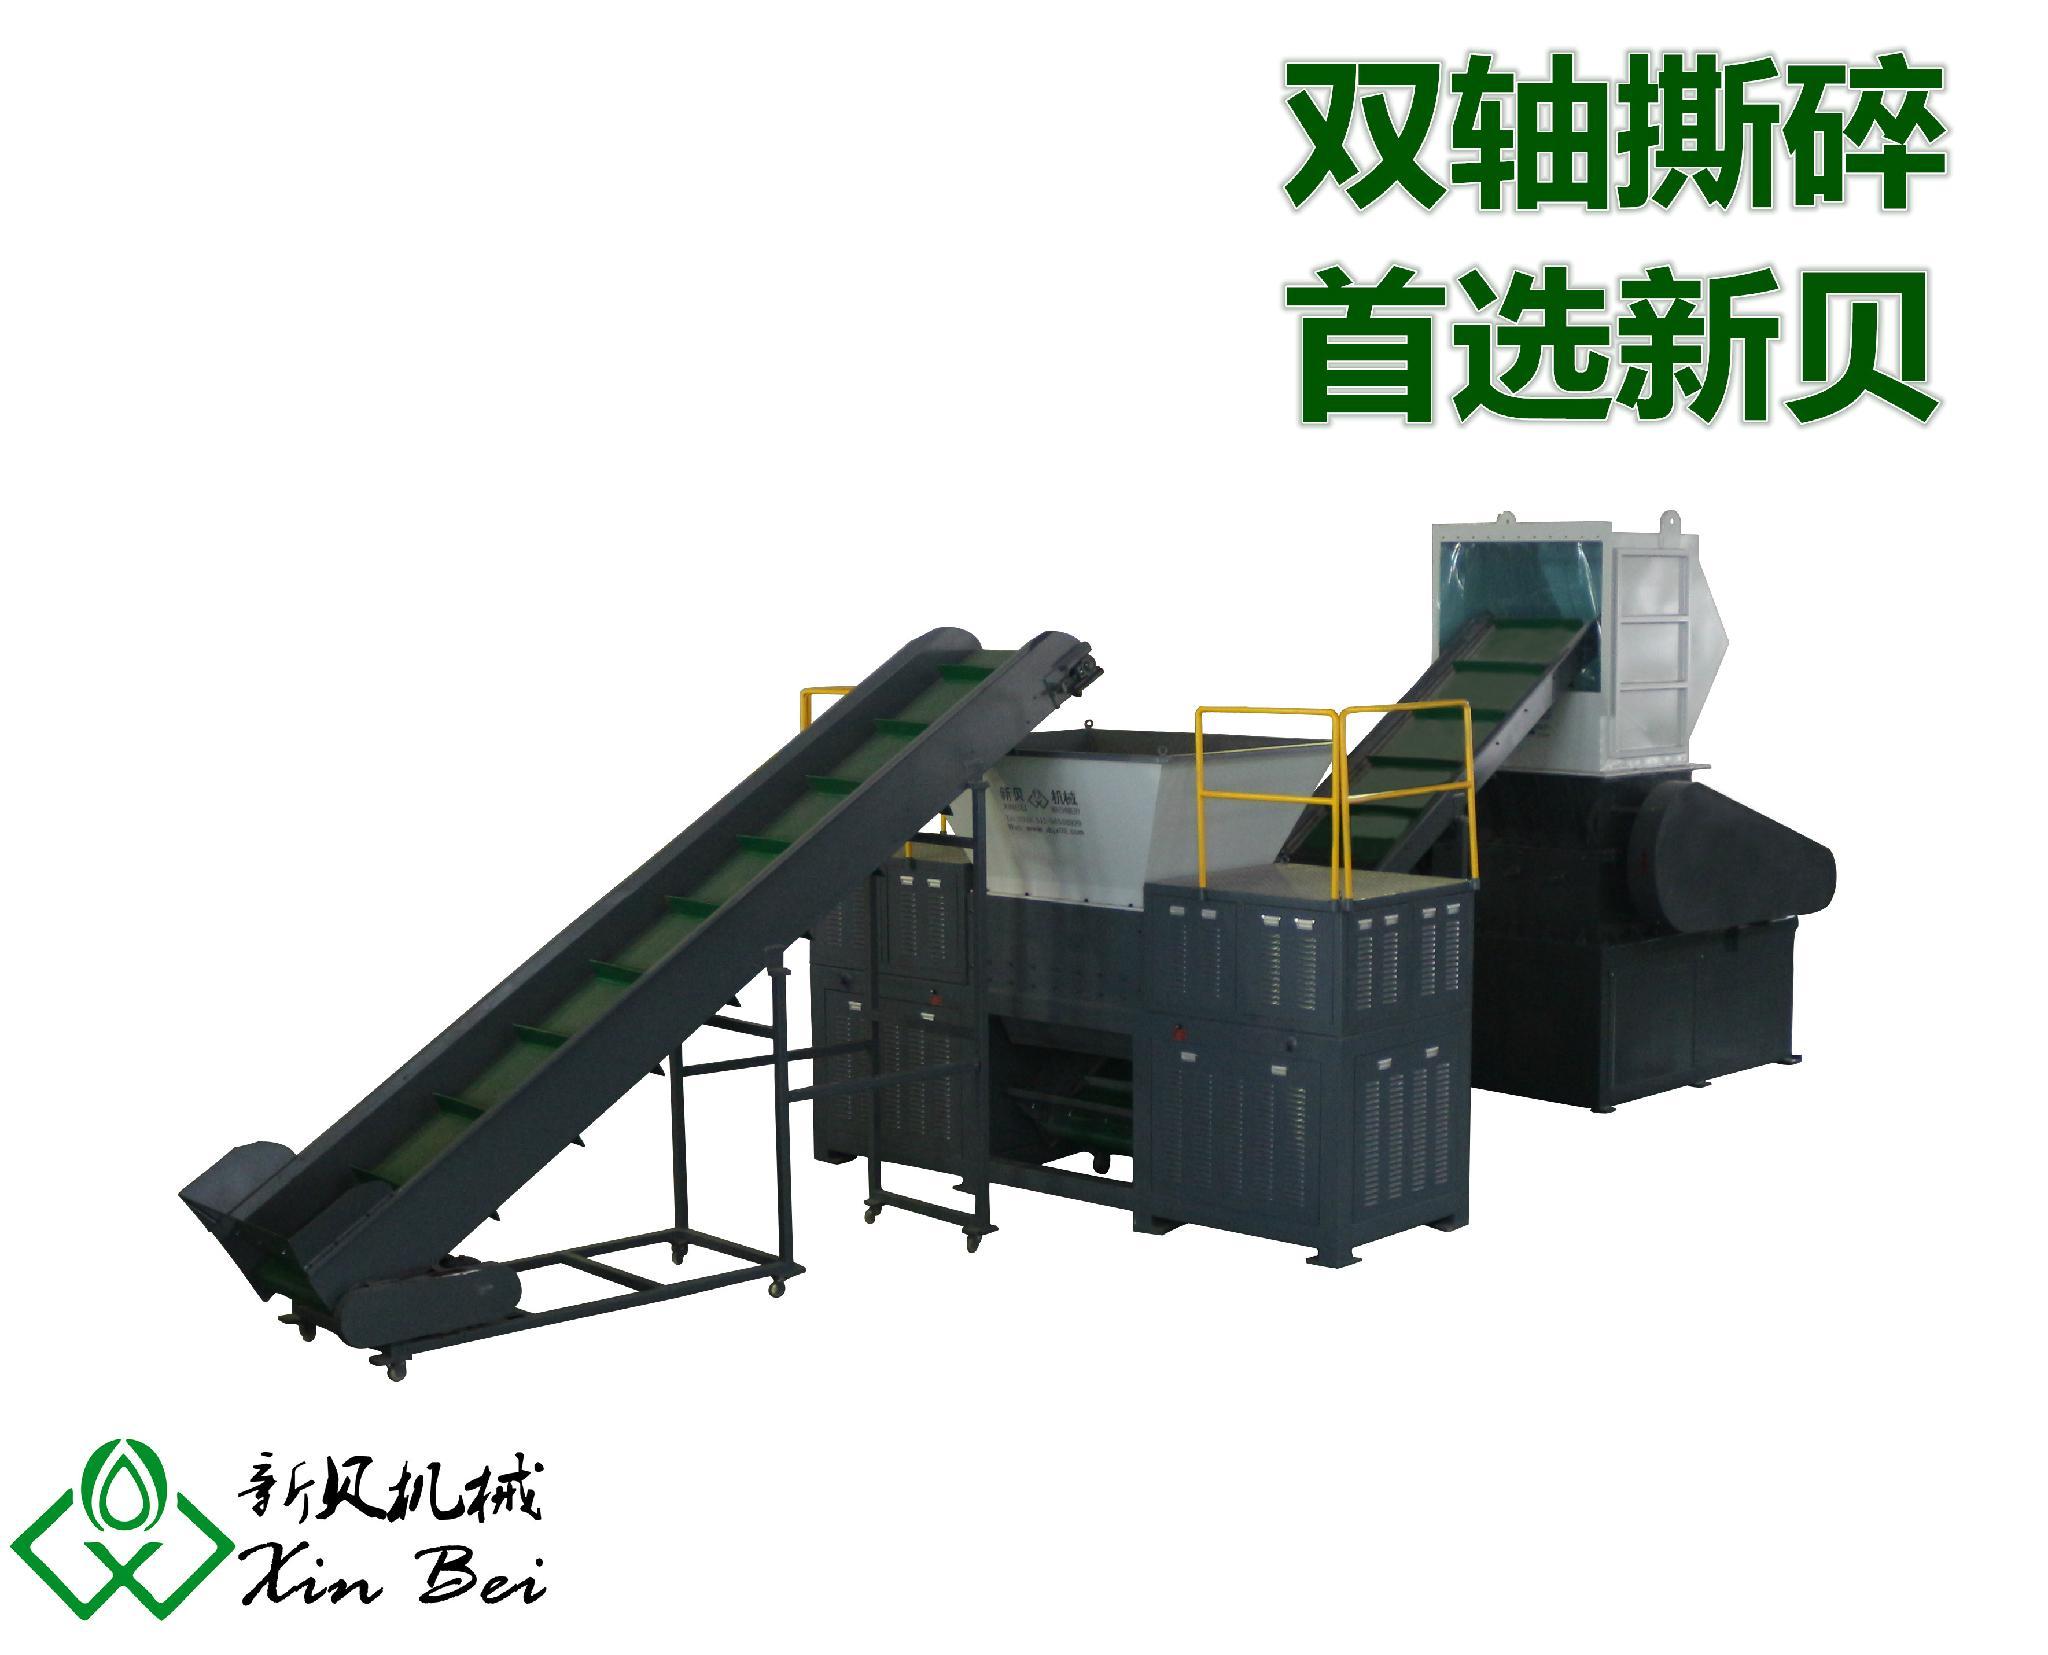 供应 新贝XB-D800型薄膜吨量级双轴撕碎机 3